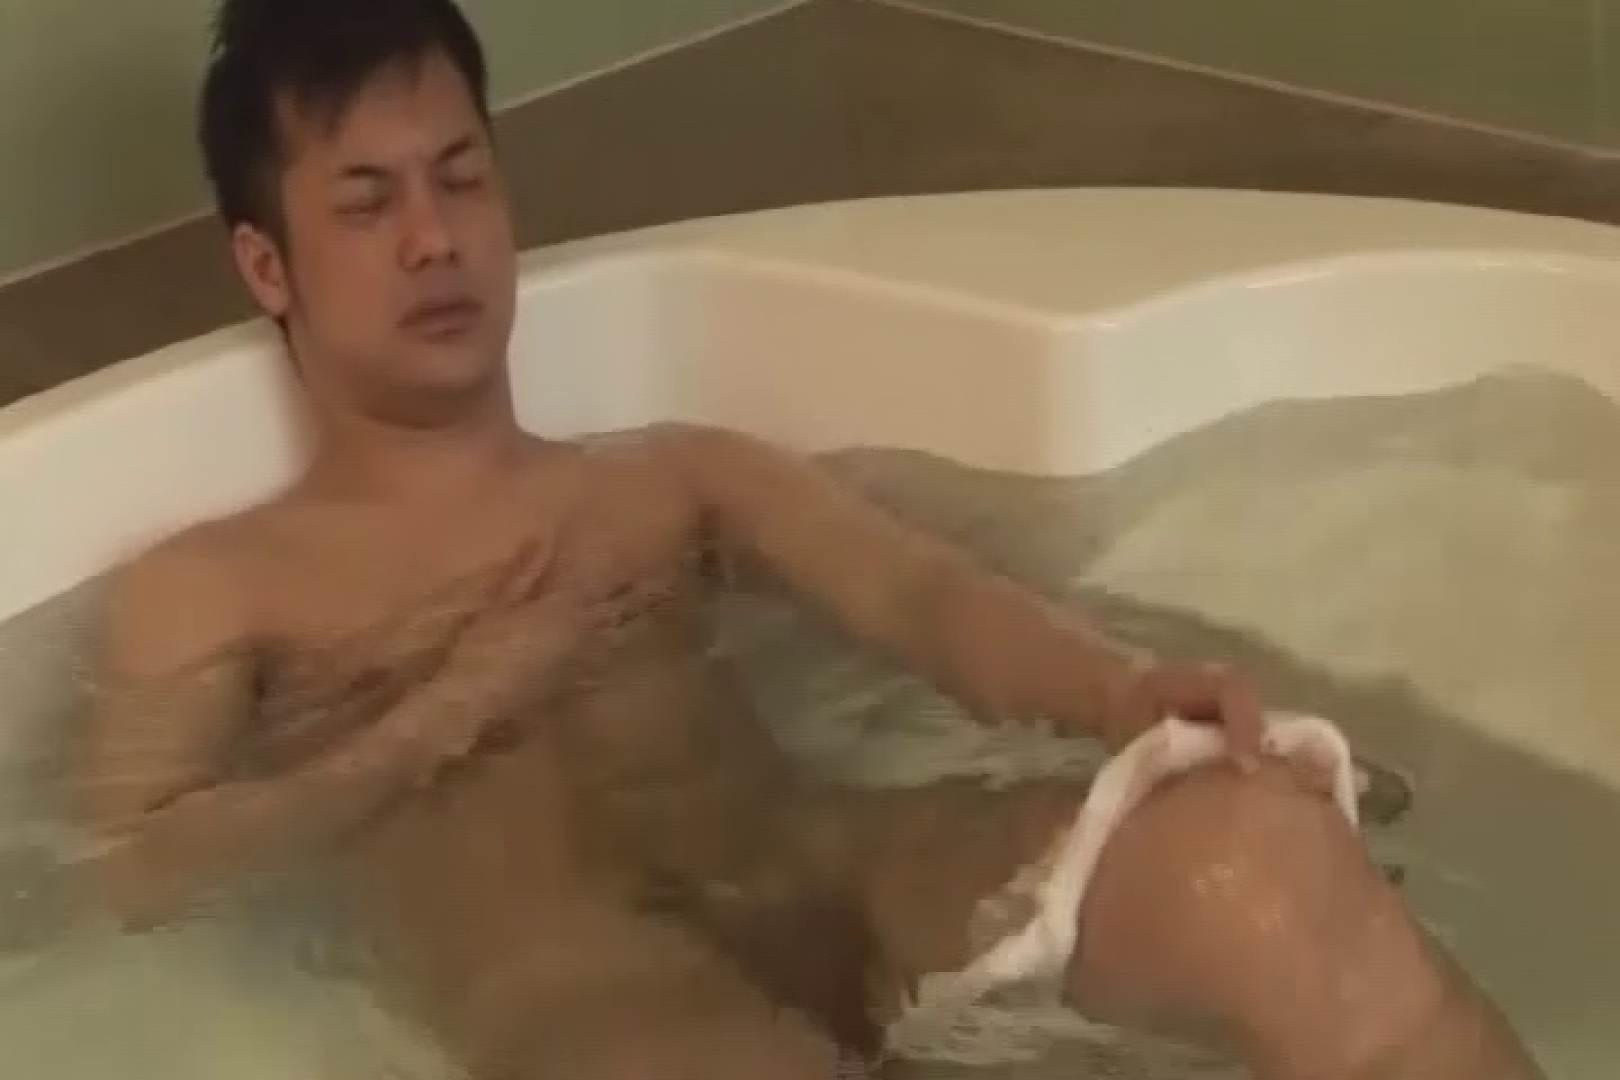 暴れん棒!!雄穴を狙え!! vol.02 風呂天国 ゲイモロ画像 95枚 43